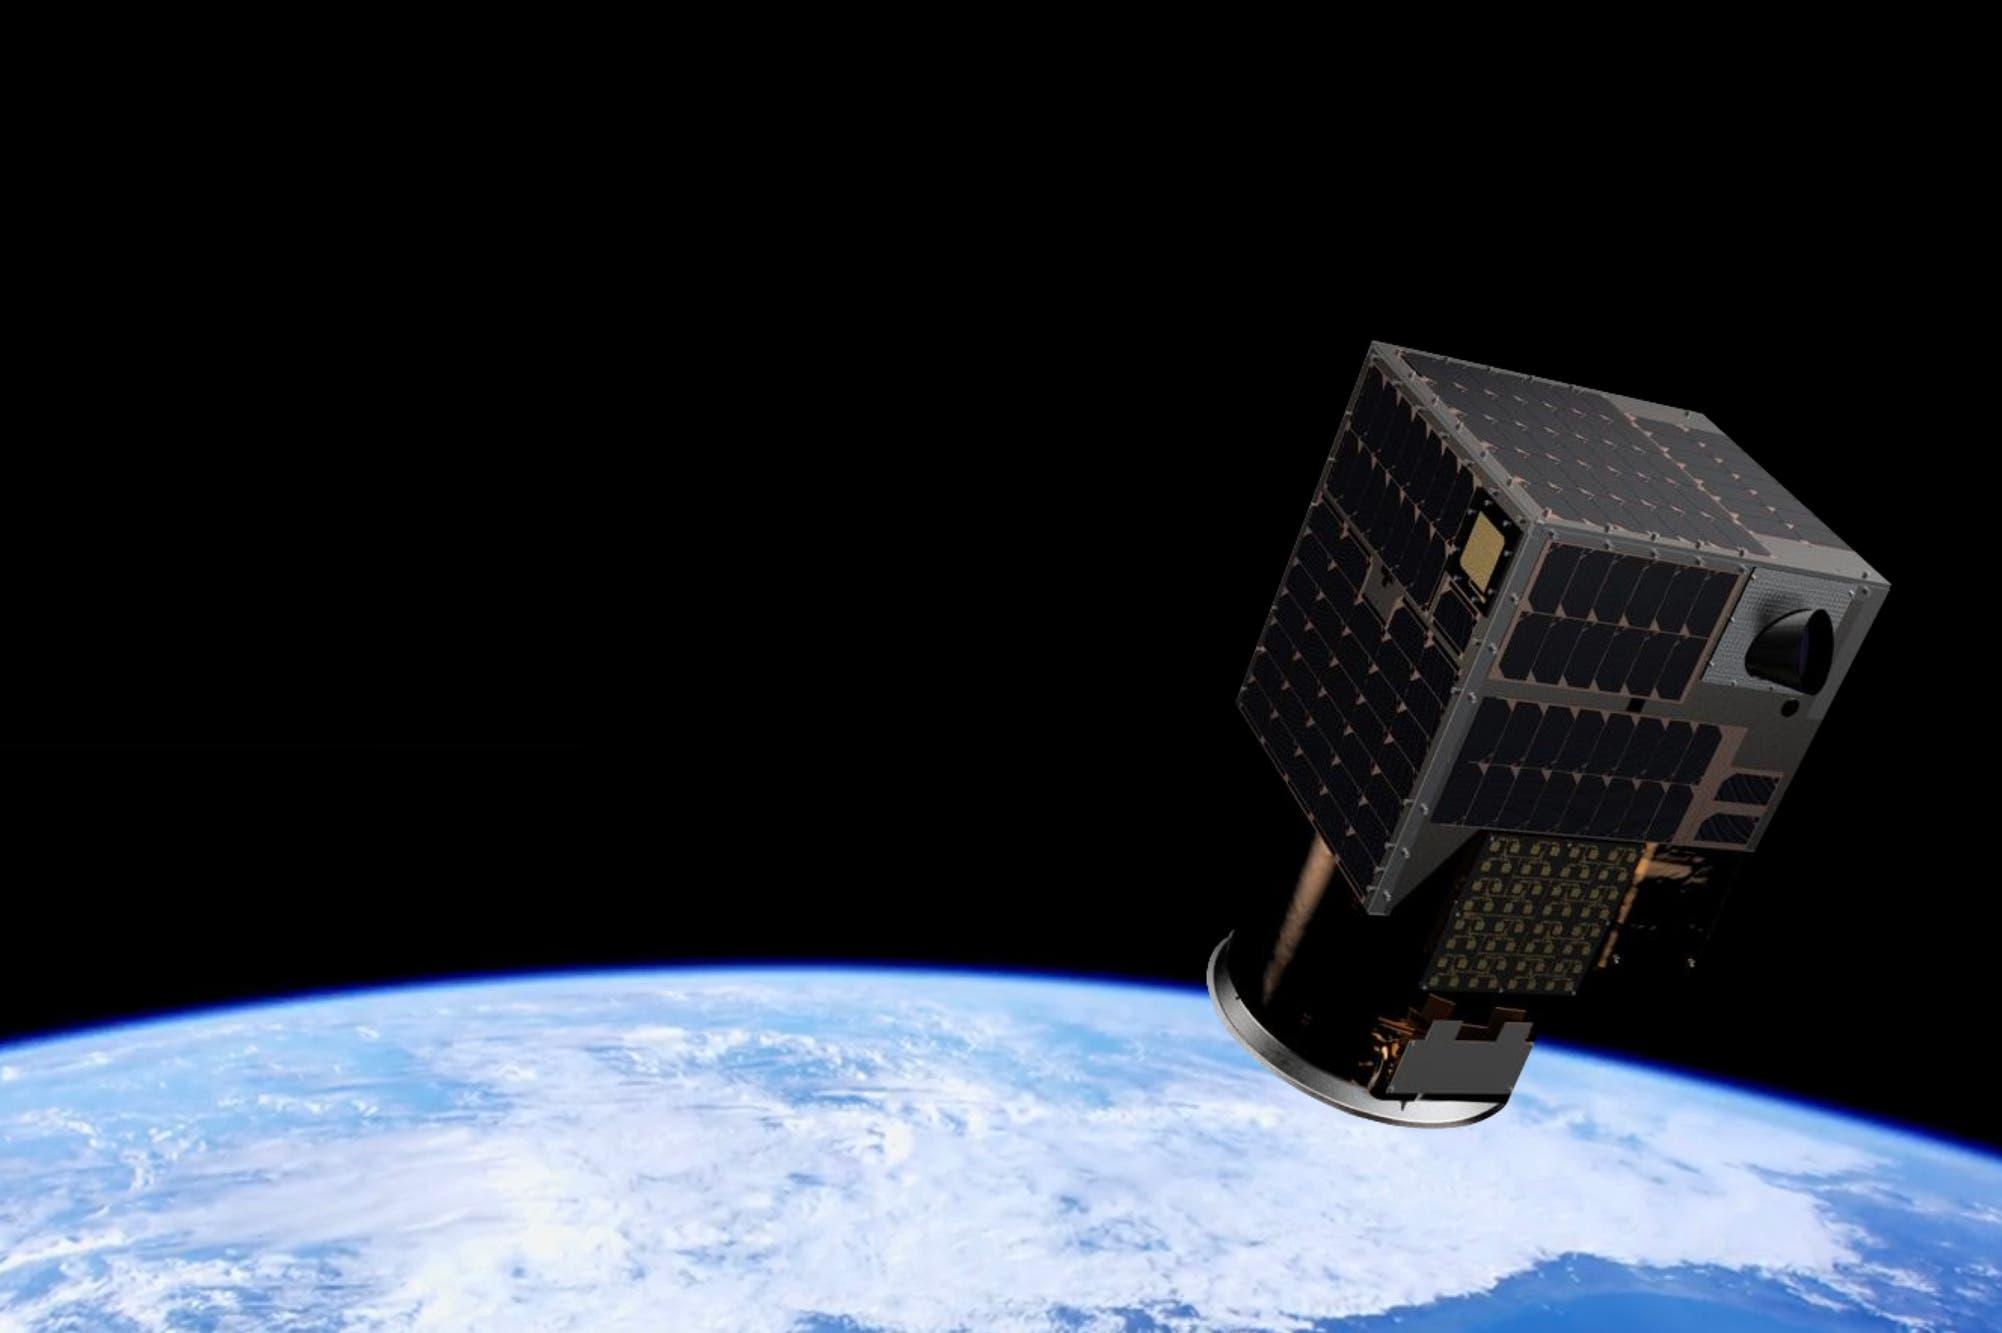 Globant y Open Space quieren llegar a la Luna en 2025 con ayuda de estudiantes